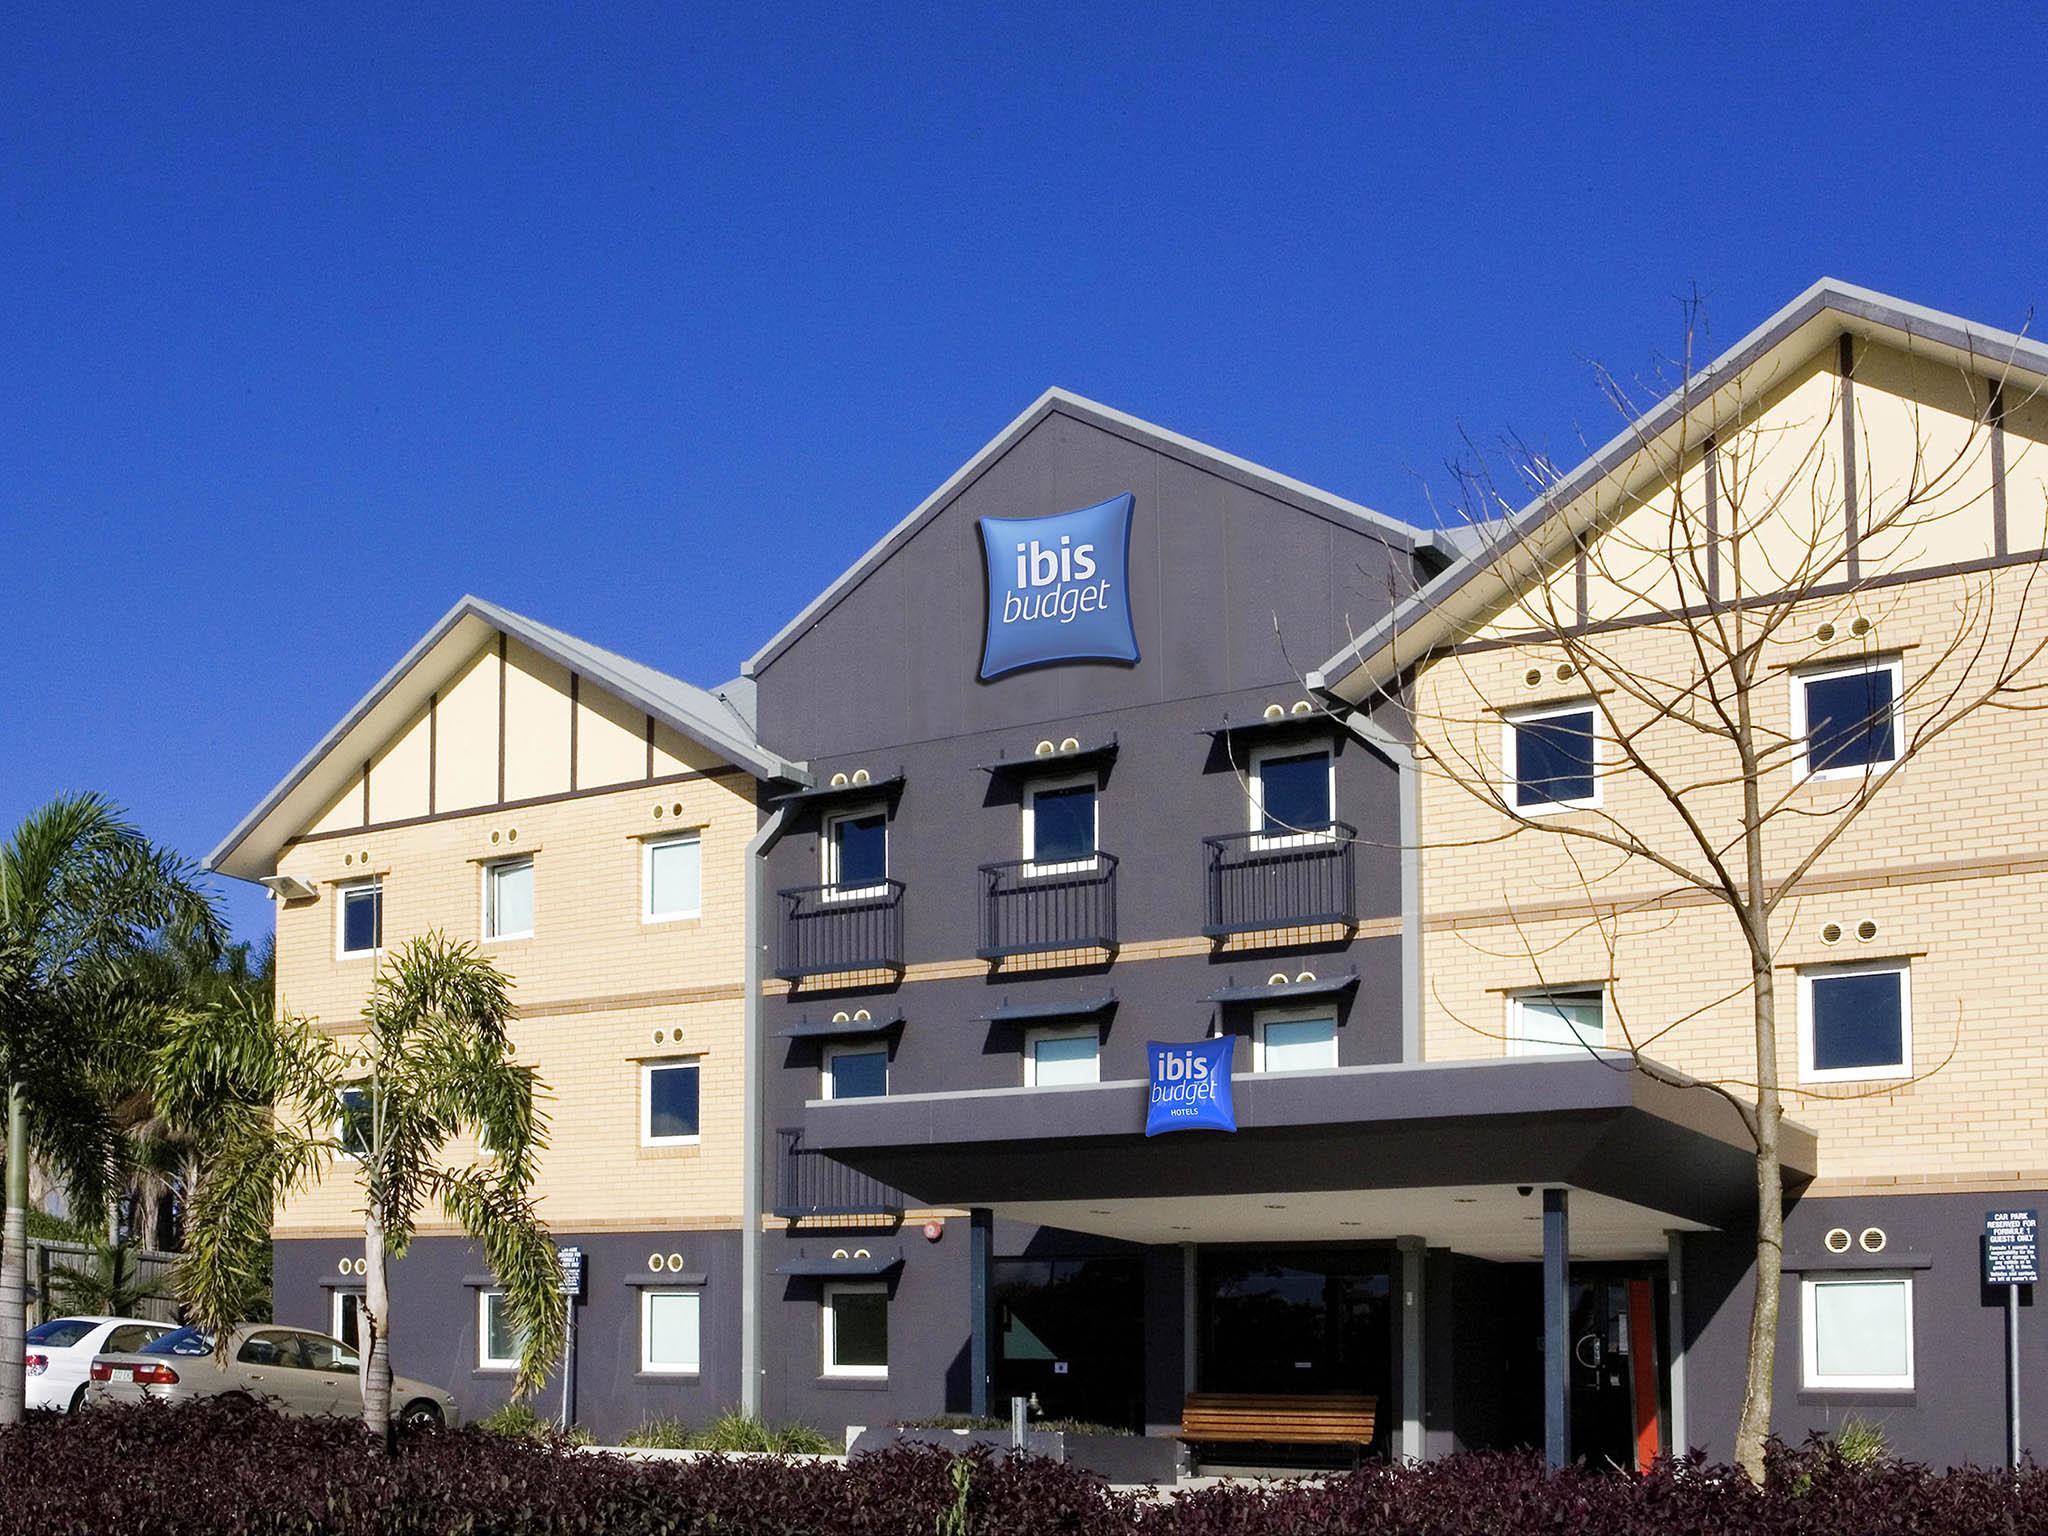 酒店 – ibis budget 布里斯班温莎酒店